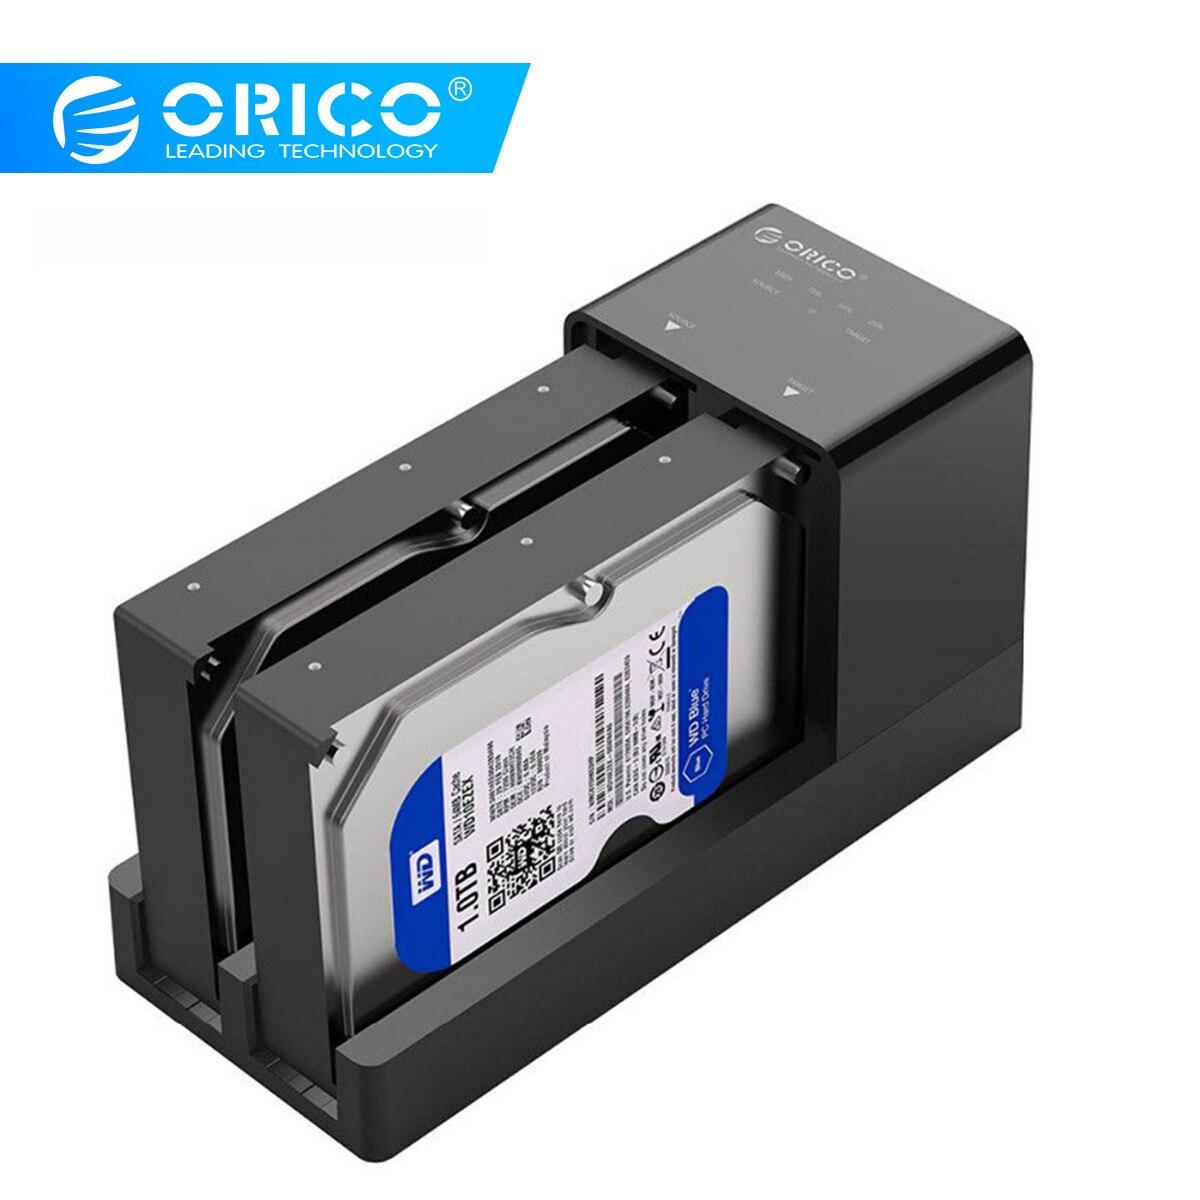 ORICO 2.5 3.5 SATA HDD enceinte Station d'accueil hors ligne Clone Super vitesse USB 3.0 Support de disque dur 10 to 2 baie noir 6528US3-C